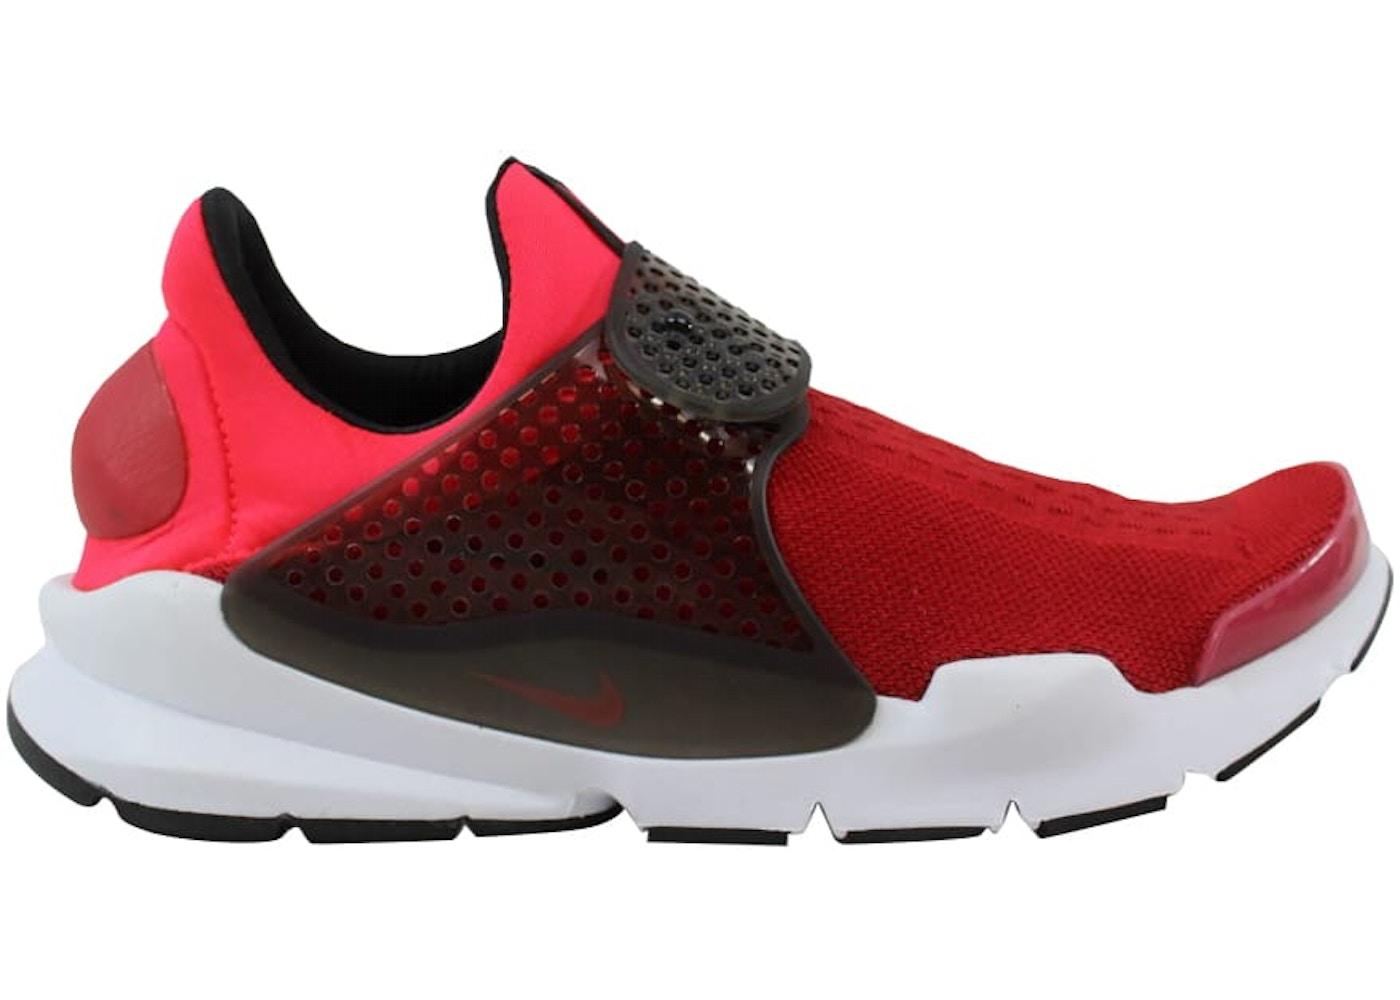 quality design ff21e 56e9c Nike Sock Dart Kjcrd Gym Red/Solar Red-Siren Red